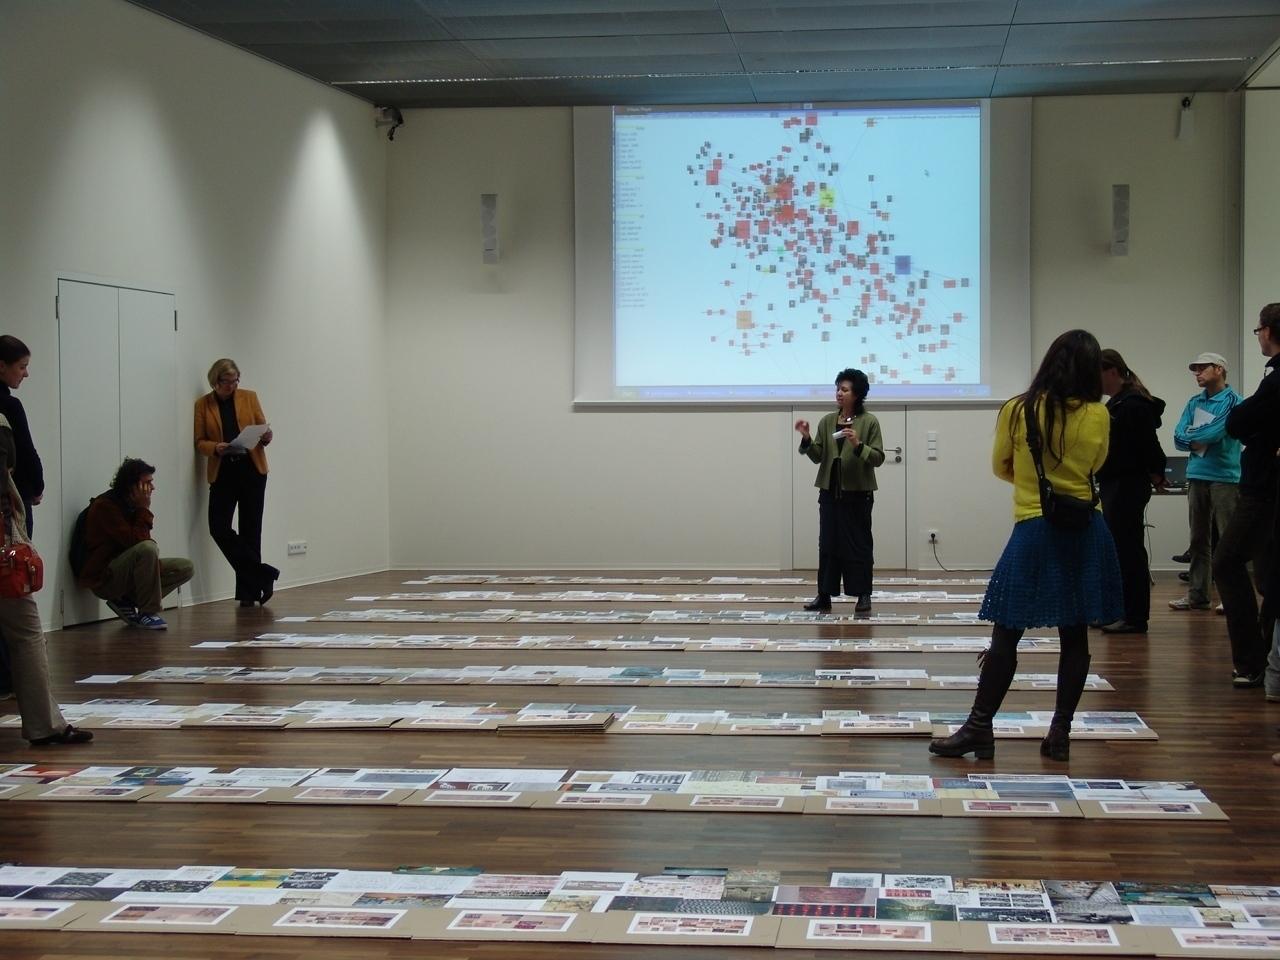 A diagram exhibition by Gerhard Dirmoser using Semaspace